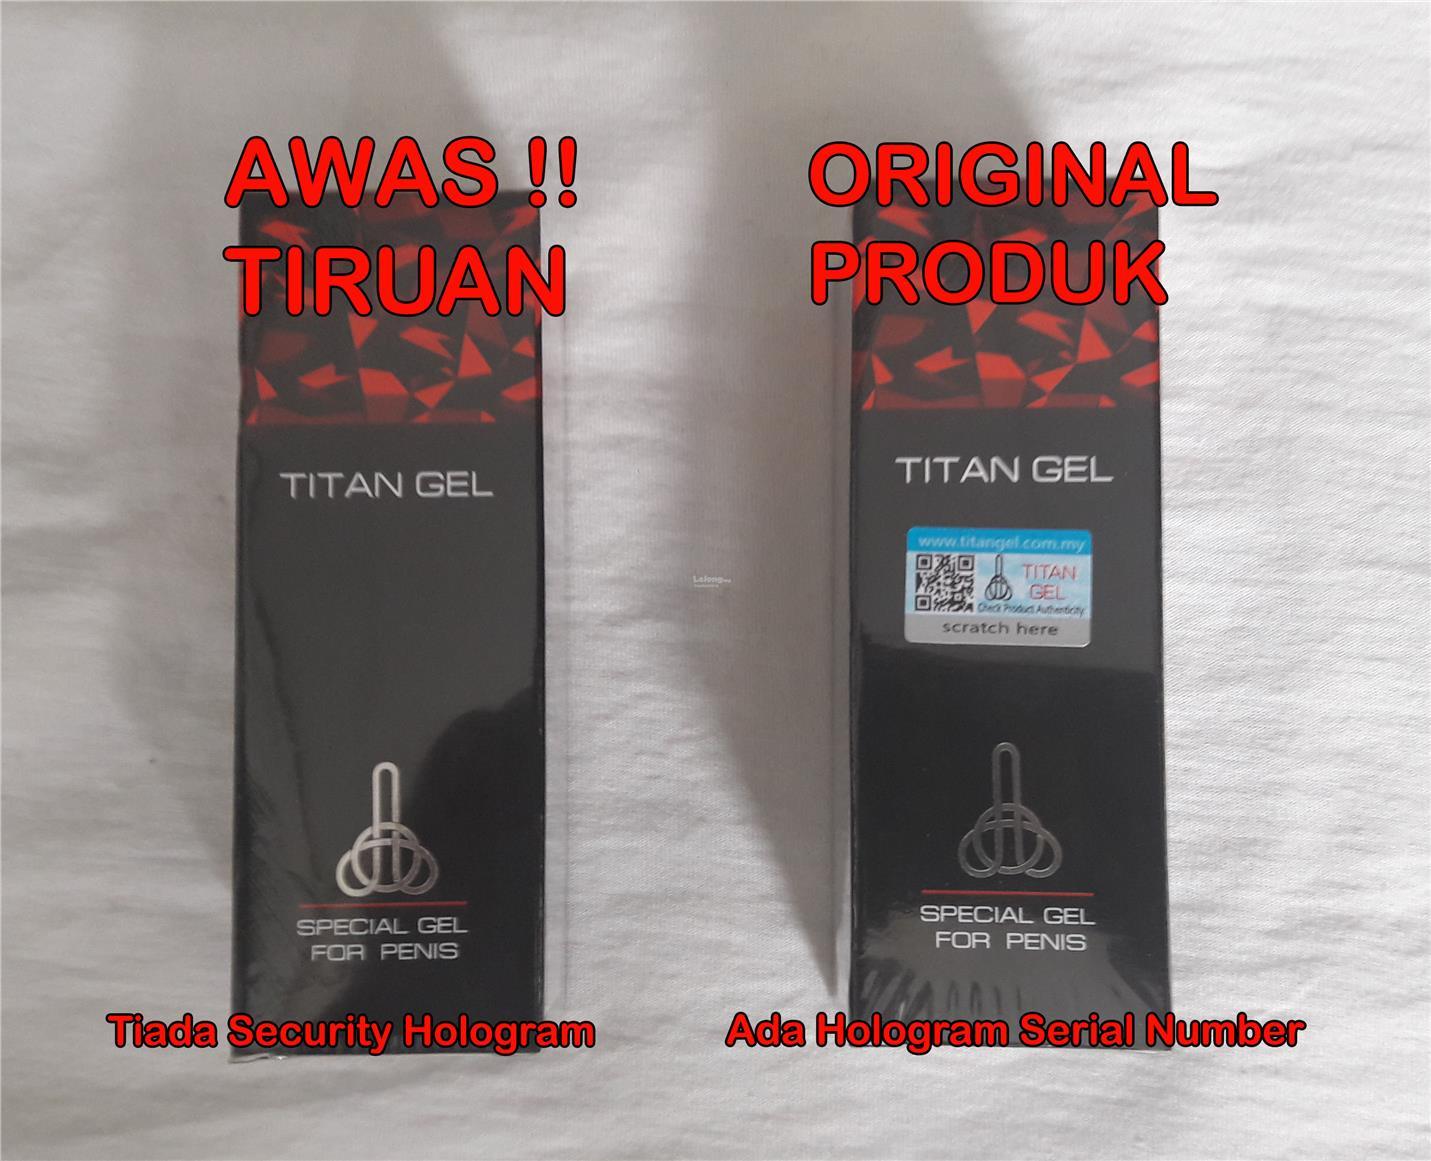 promo titan gel 100 original rus end 11 2 2018 10 15 am